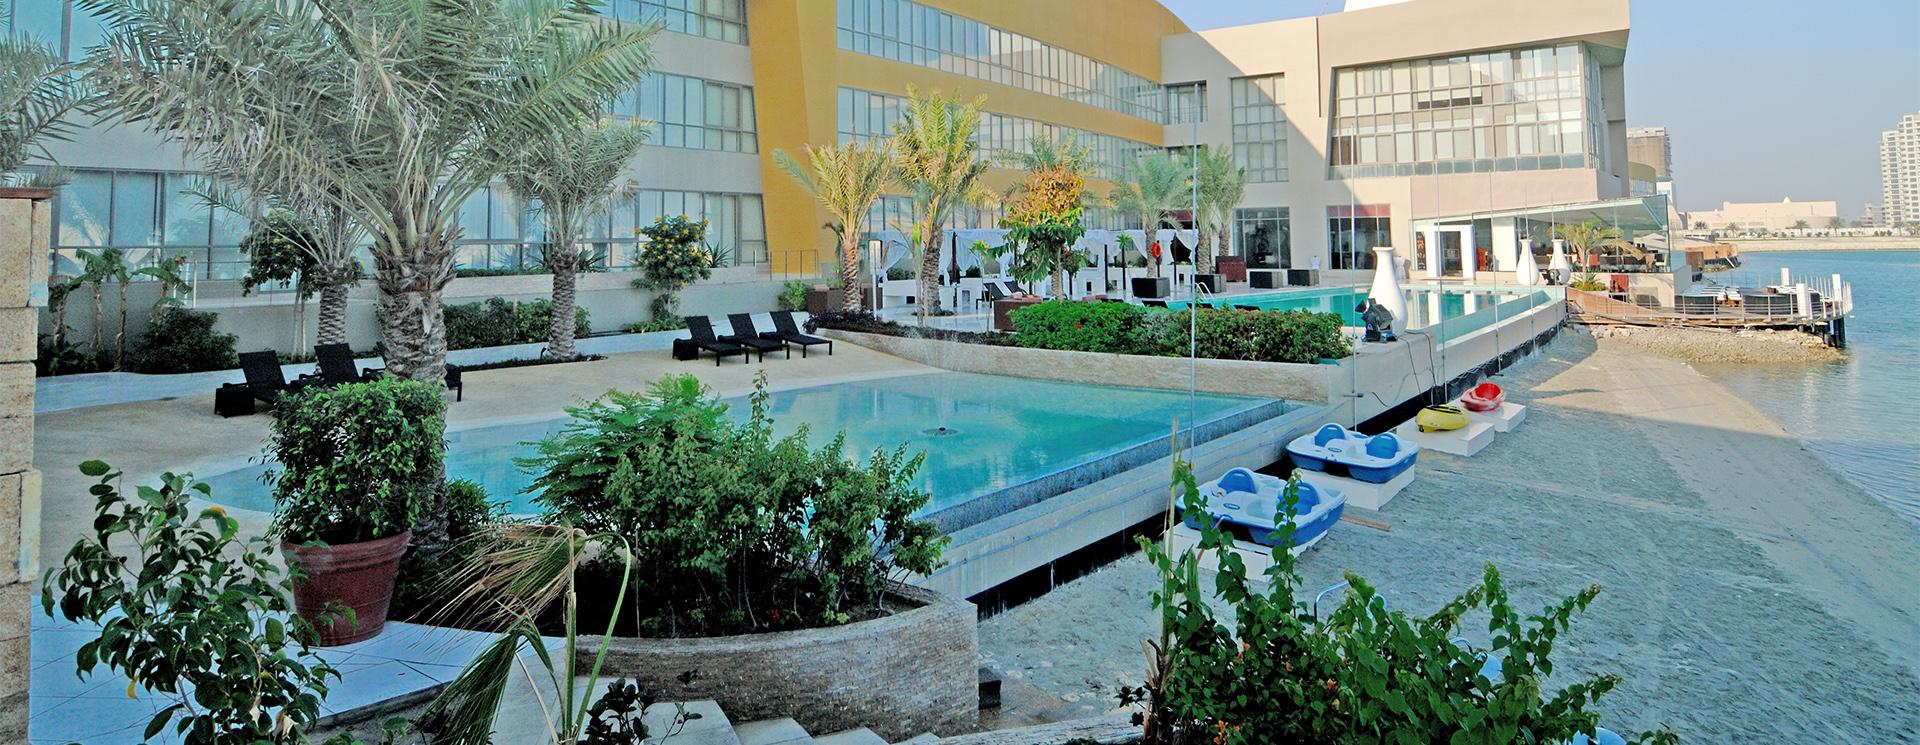 Dragon Resort Hotel Bahrain Amwaj Islands Bahrain Suites Villas Chalets Kingdom Of Bahrain